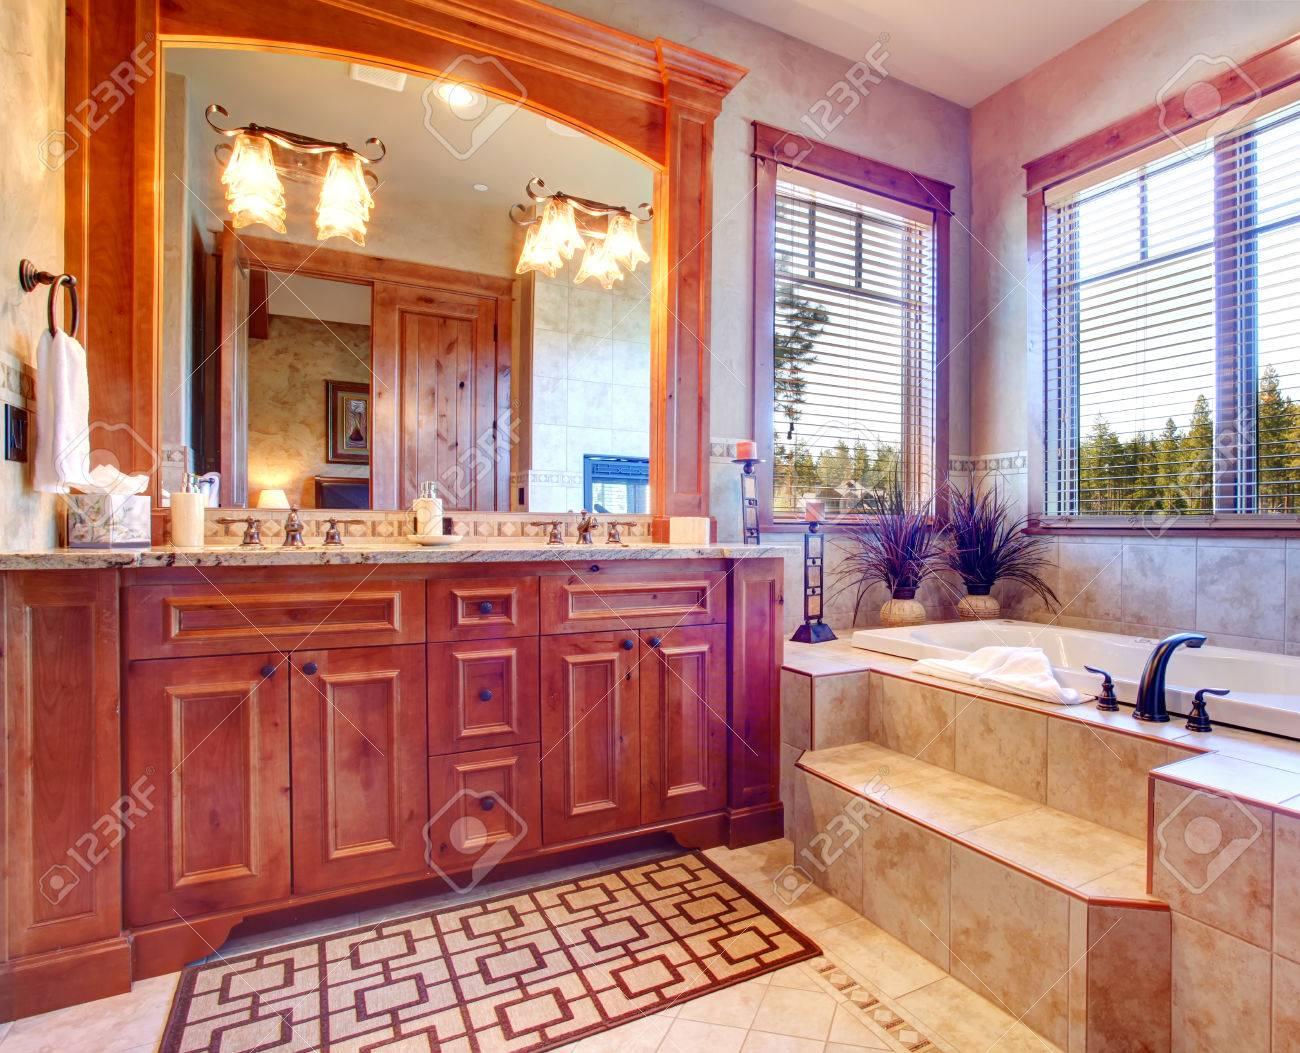 Immagini stock bagno di lusso con vasca idromassaggio mostra